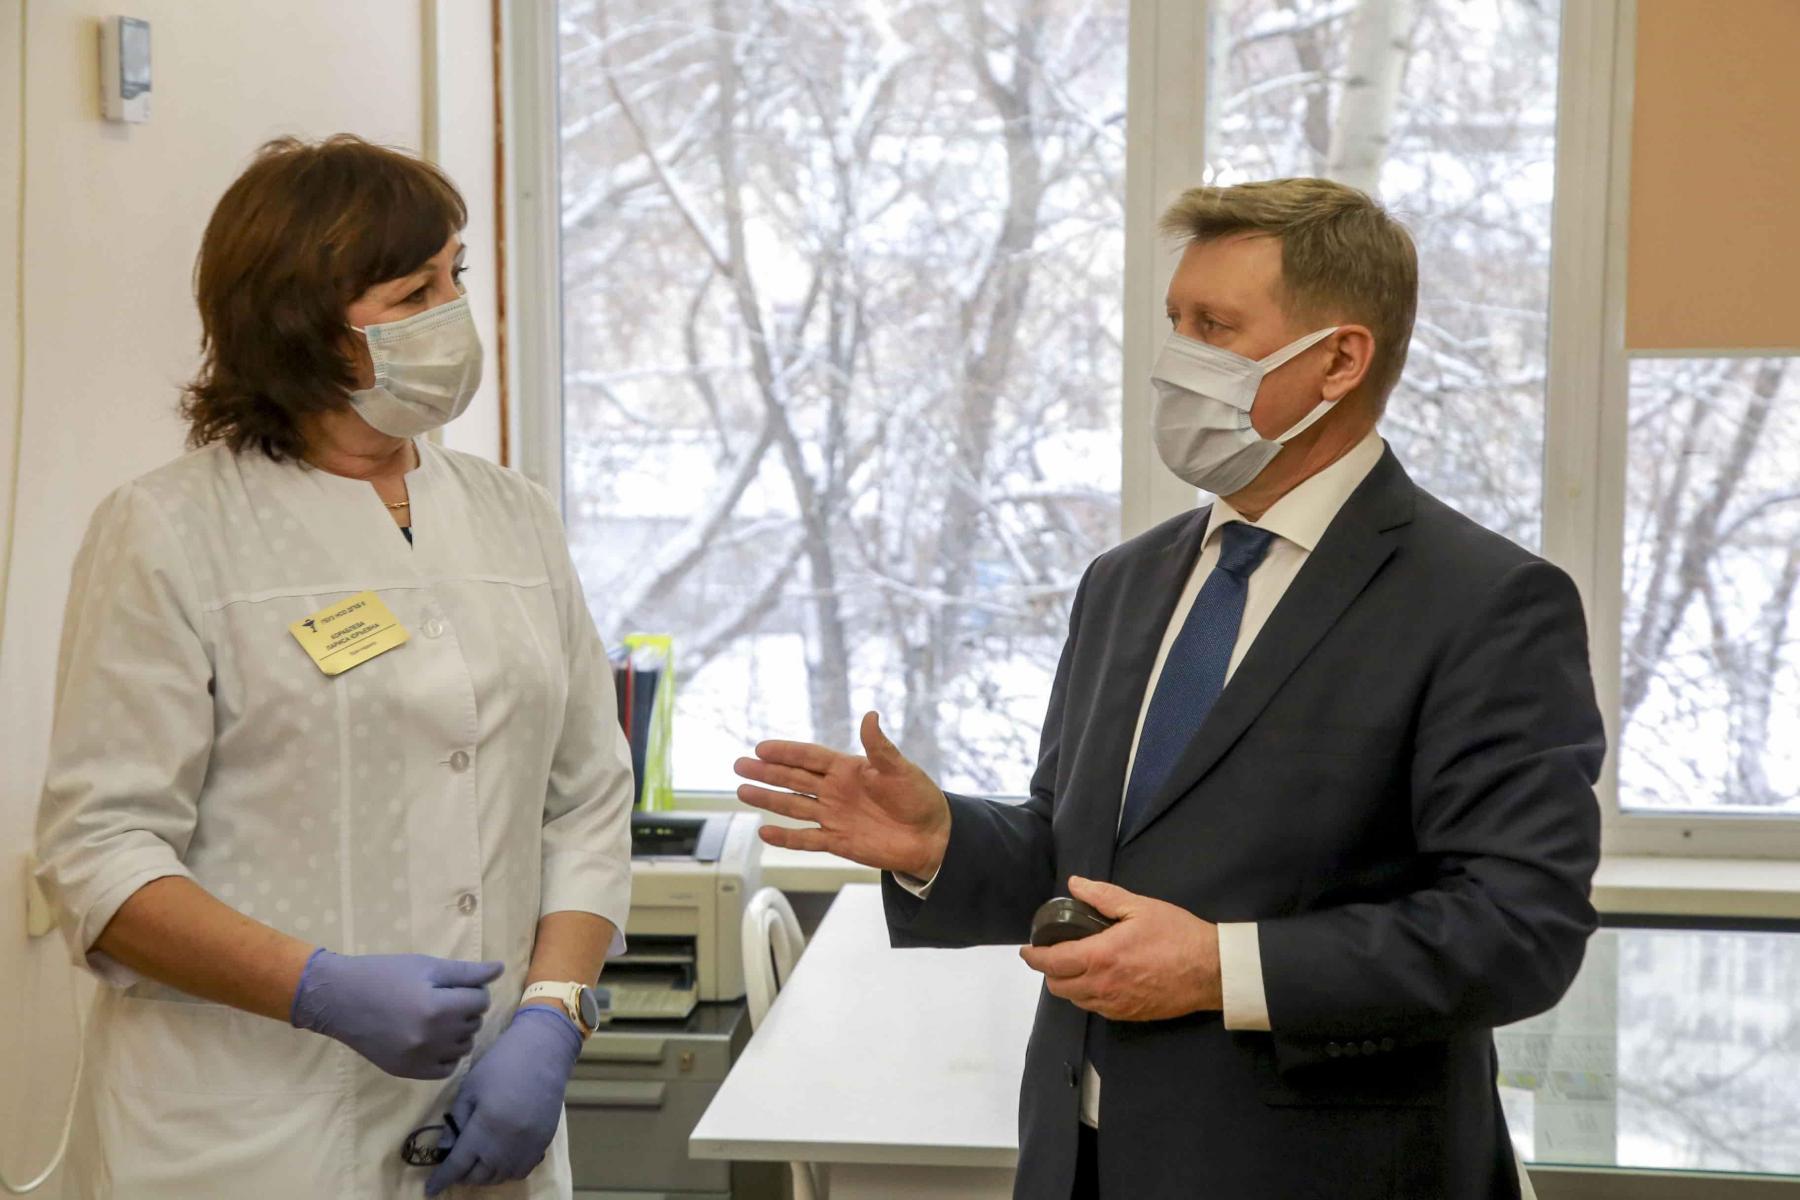 фото Путин объявил массовую вакцинацию от коронавируса: готовы ли известные новосибирцы поставить прививку 5